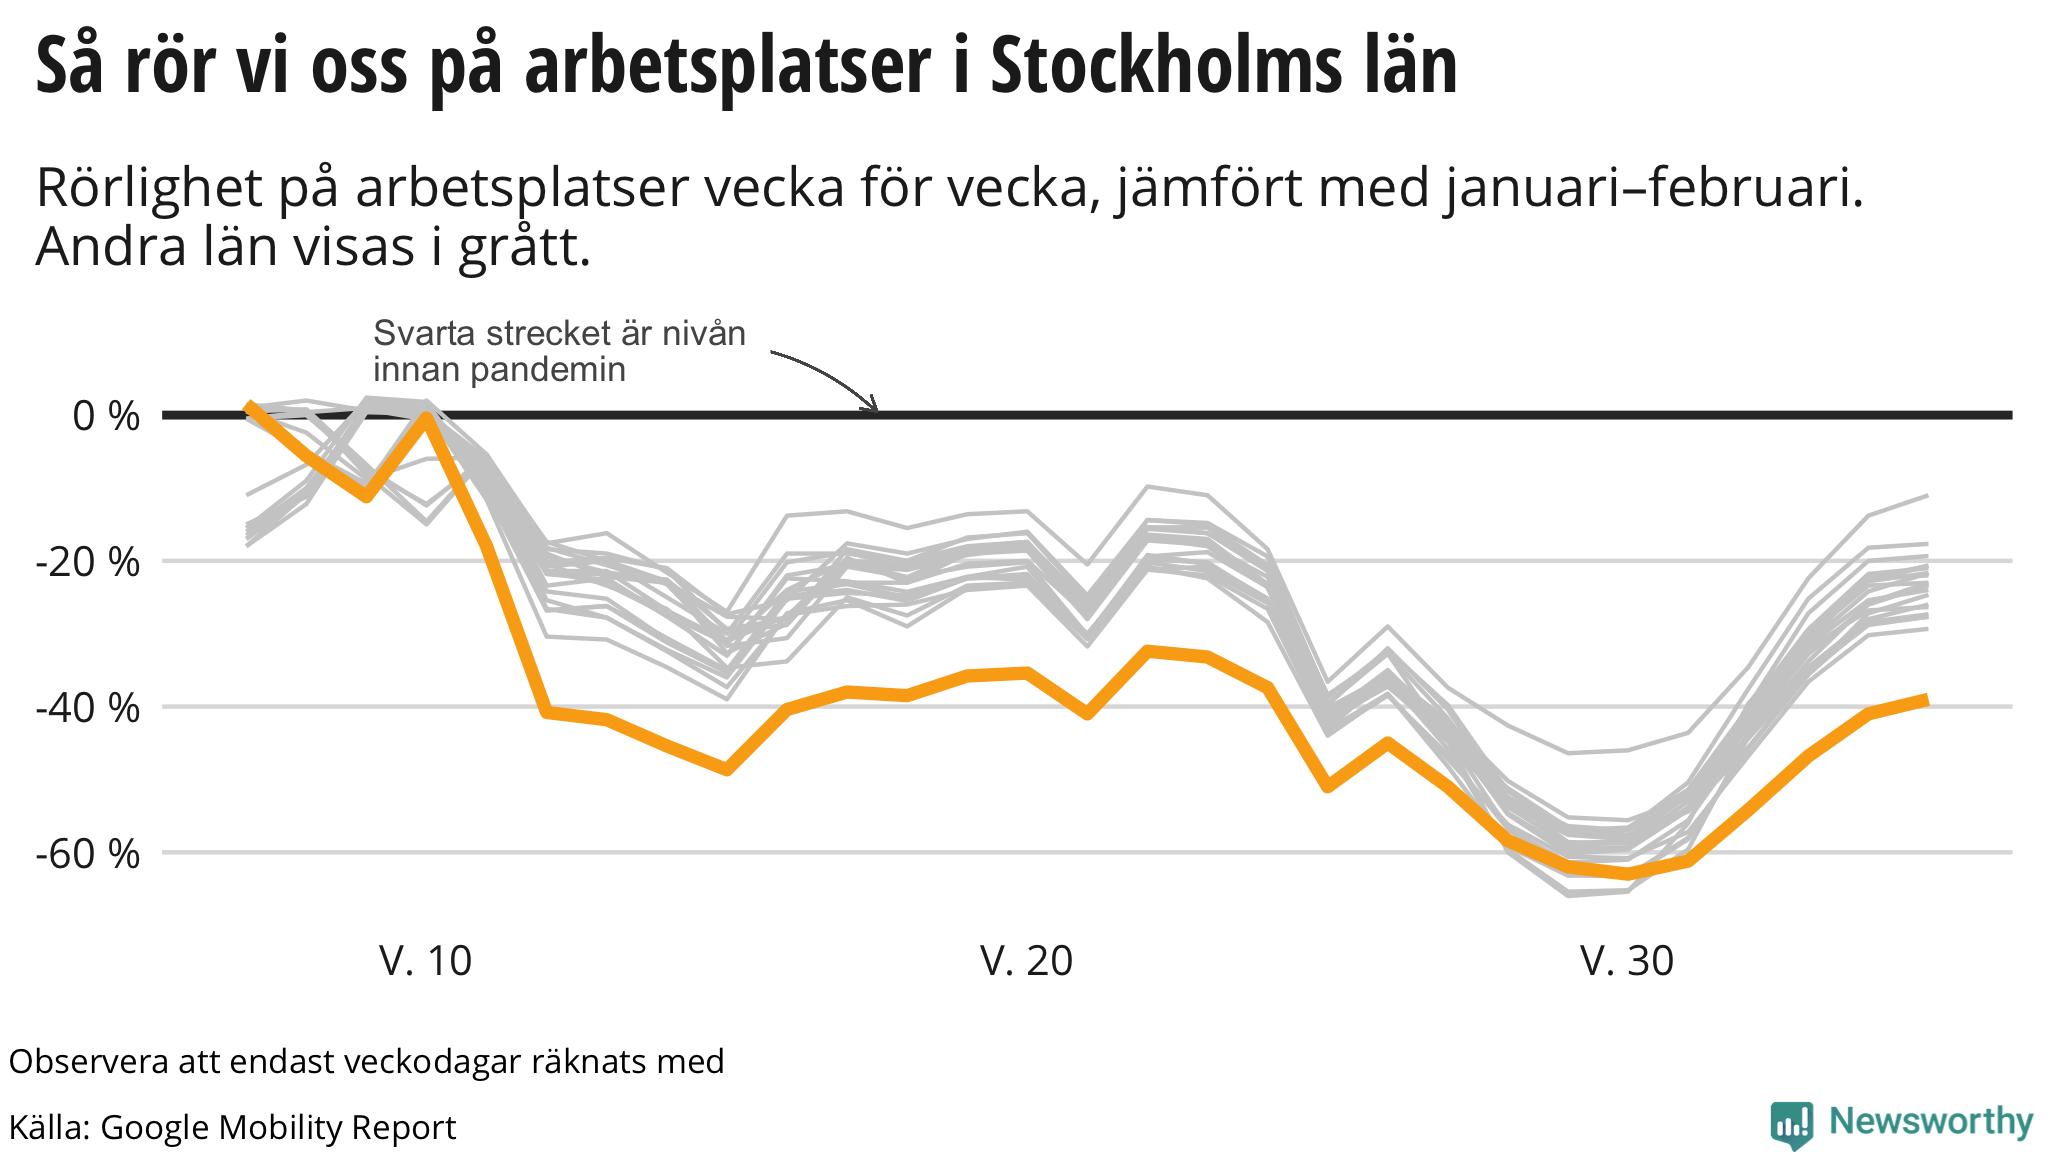 Newsworthy Manga Fortsatter Att Jobba Hemifran I Stockholm Siffror Kommun For Kommun